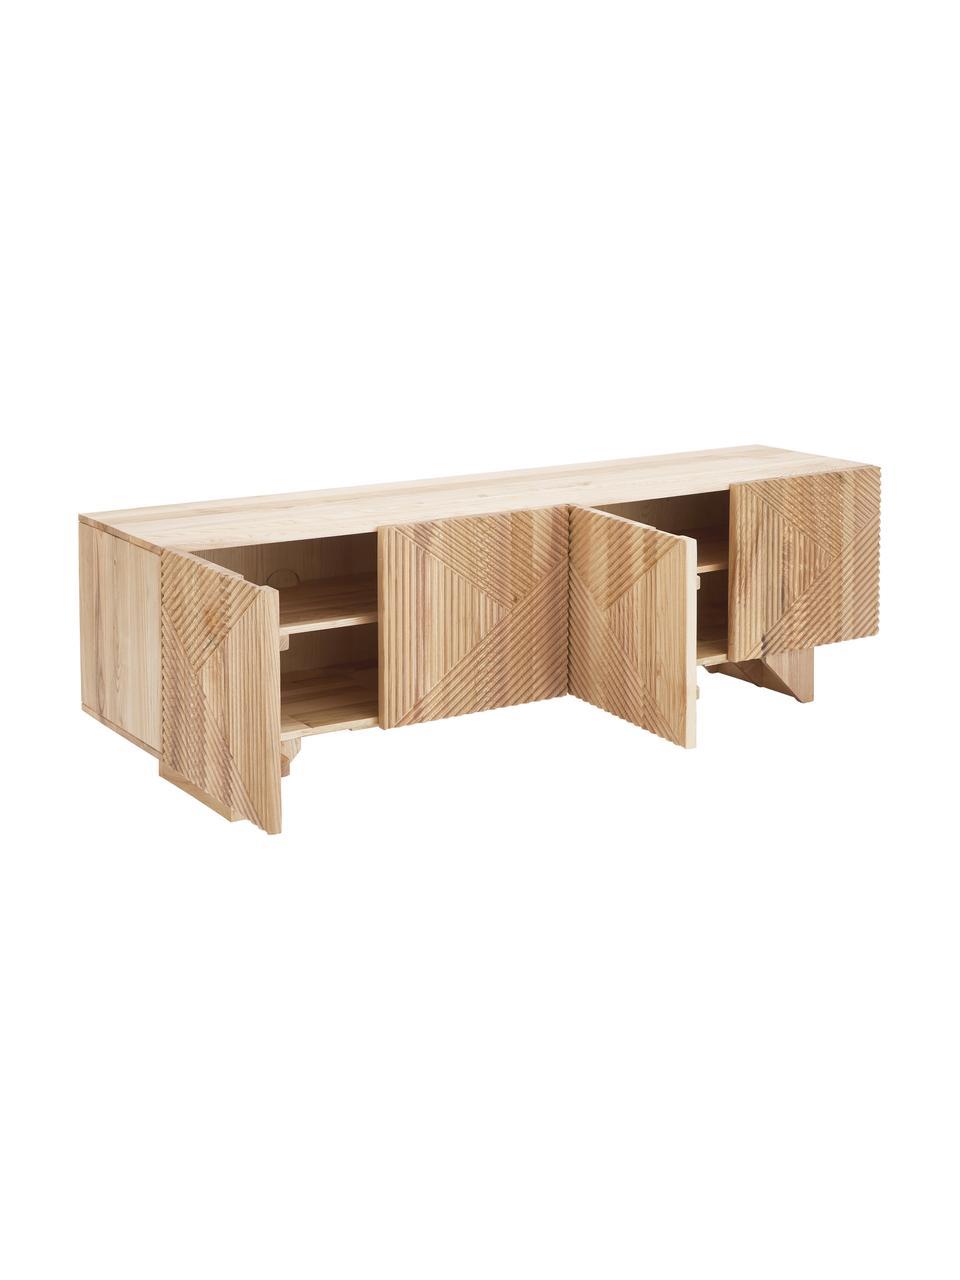 Szafka niska z litego drewna jesionowego z drzwiczkami Louis, Drewno jesionowe, S 180 x W 55 cm